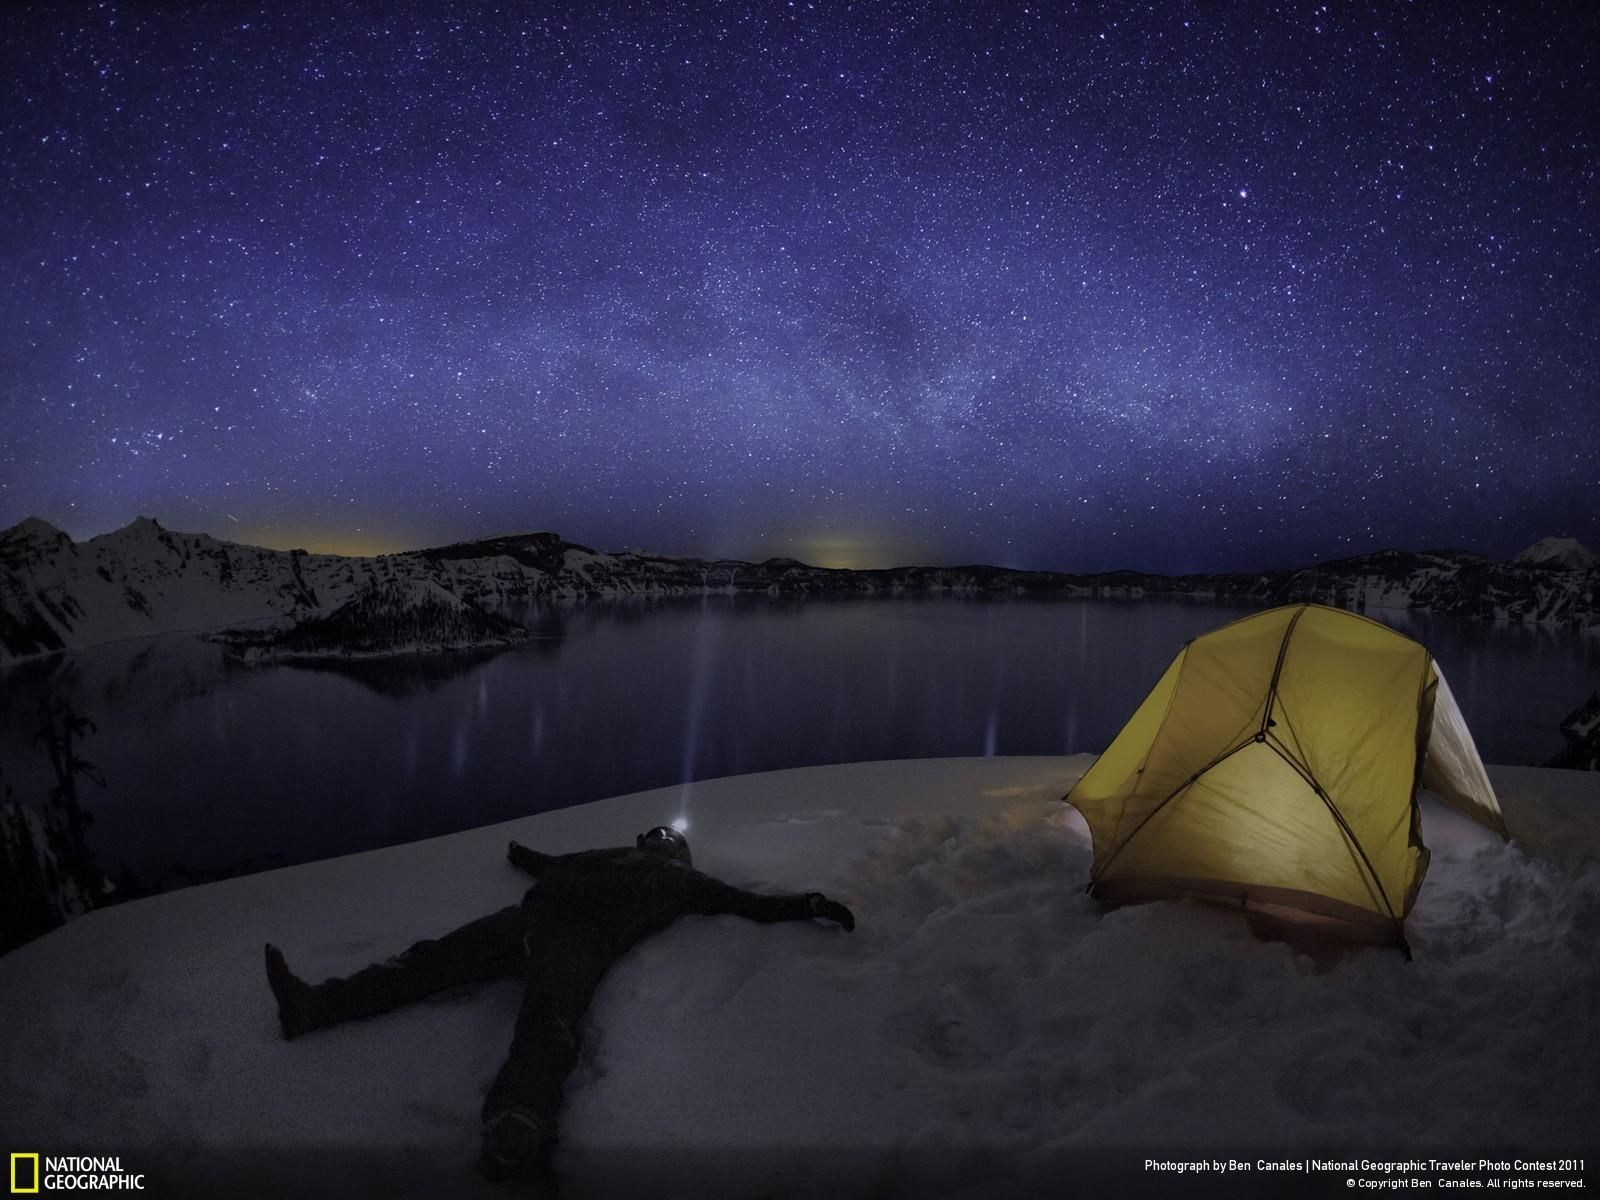 Concurso de fotografia national geographic 2011 33